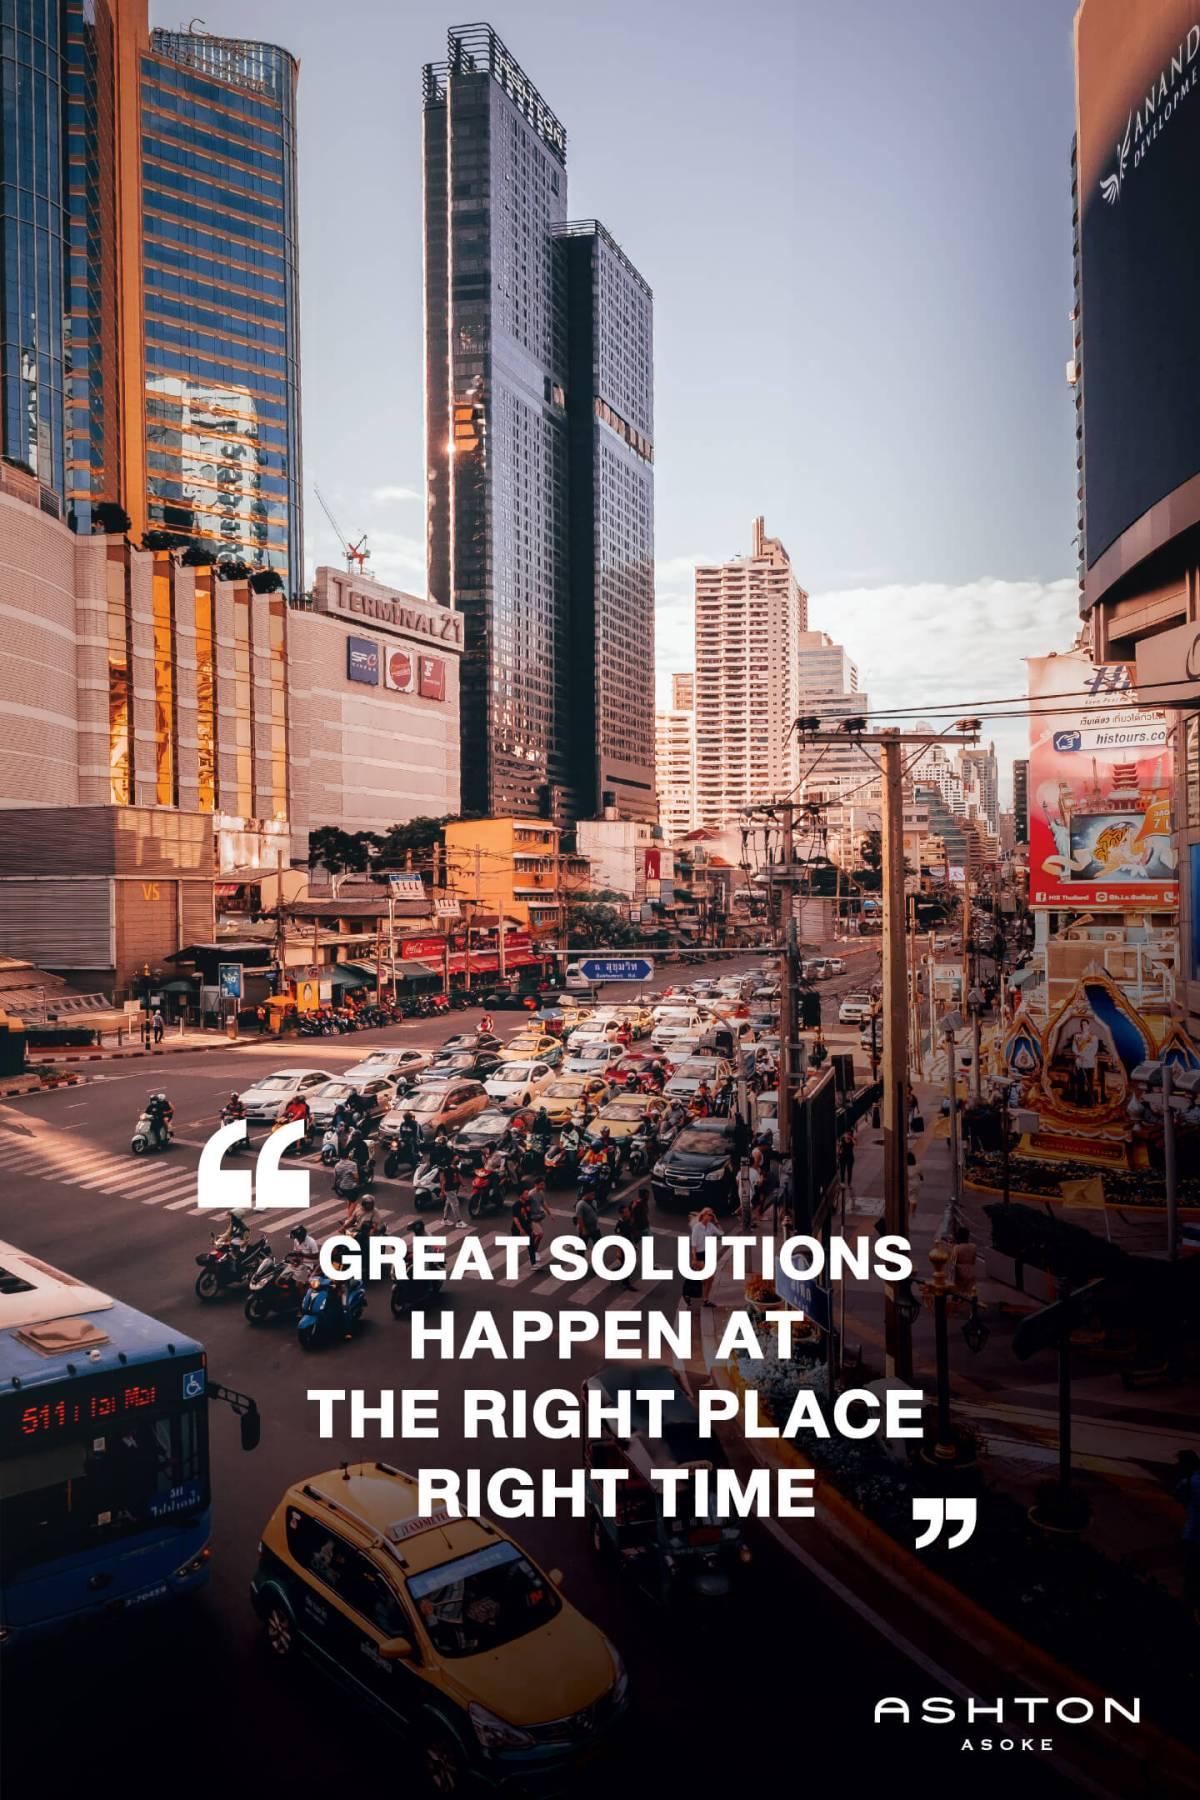 """อนันดาฯ """"คิด... เพื่อชีวิตคนเมือง"""" ตอกย้ำความเป็น Urban Living Solutions ตัวจริง 21 - Ananda"""